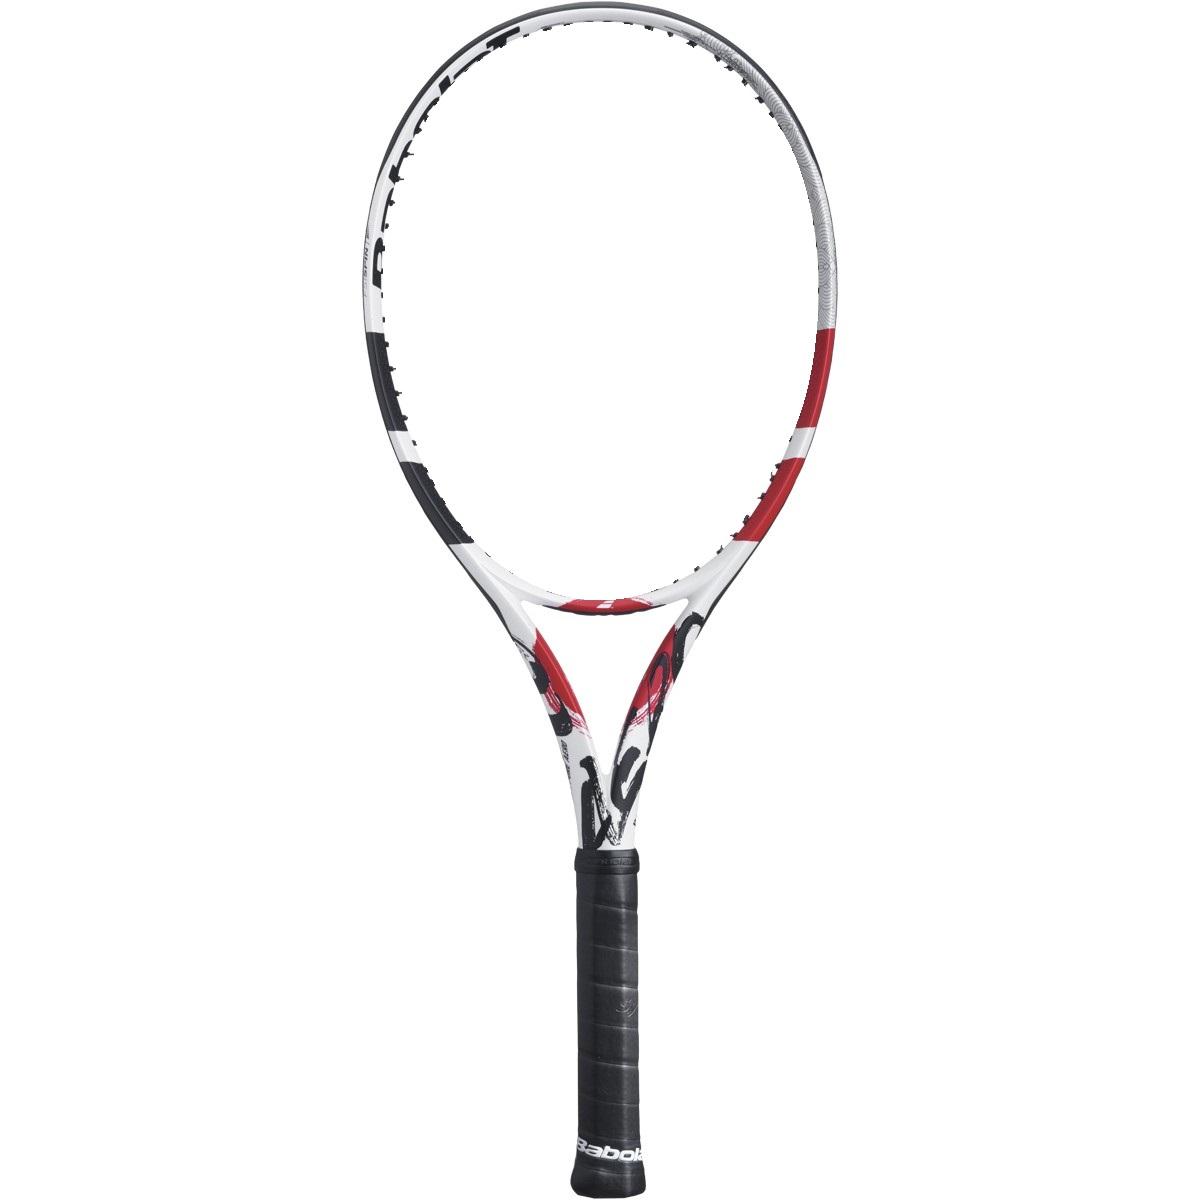 【グリップ5個プレゼント】【2020 NEWモデル!】バボラ ピュアアエロJAPAN テニスラケット